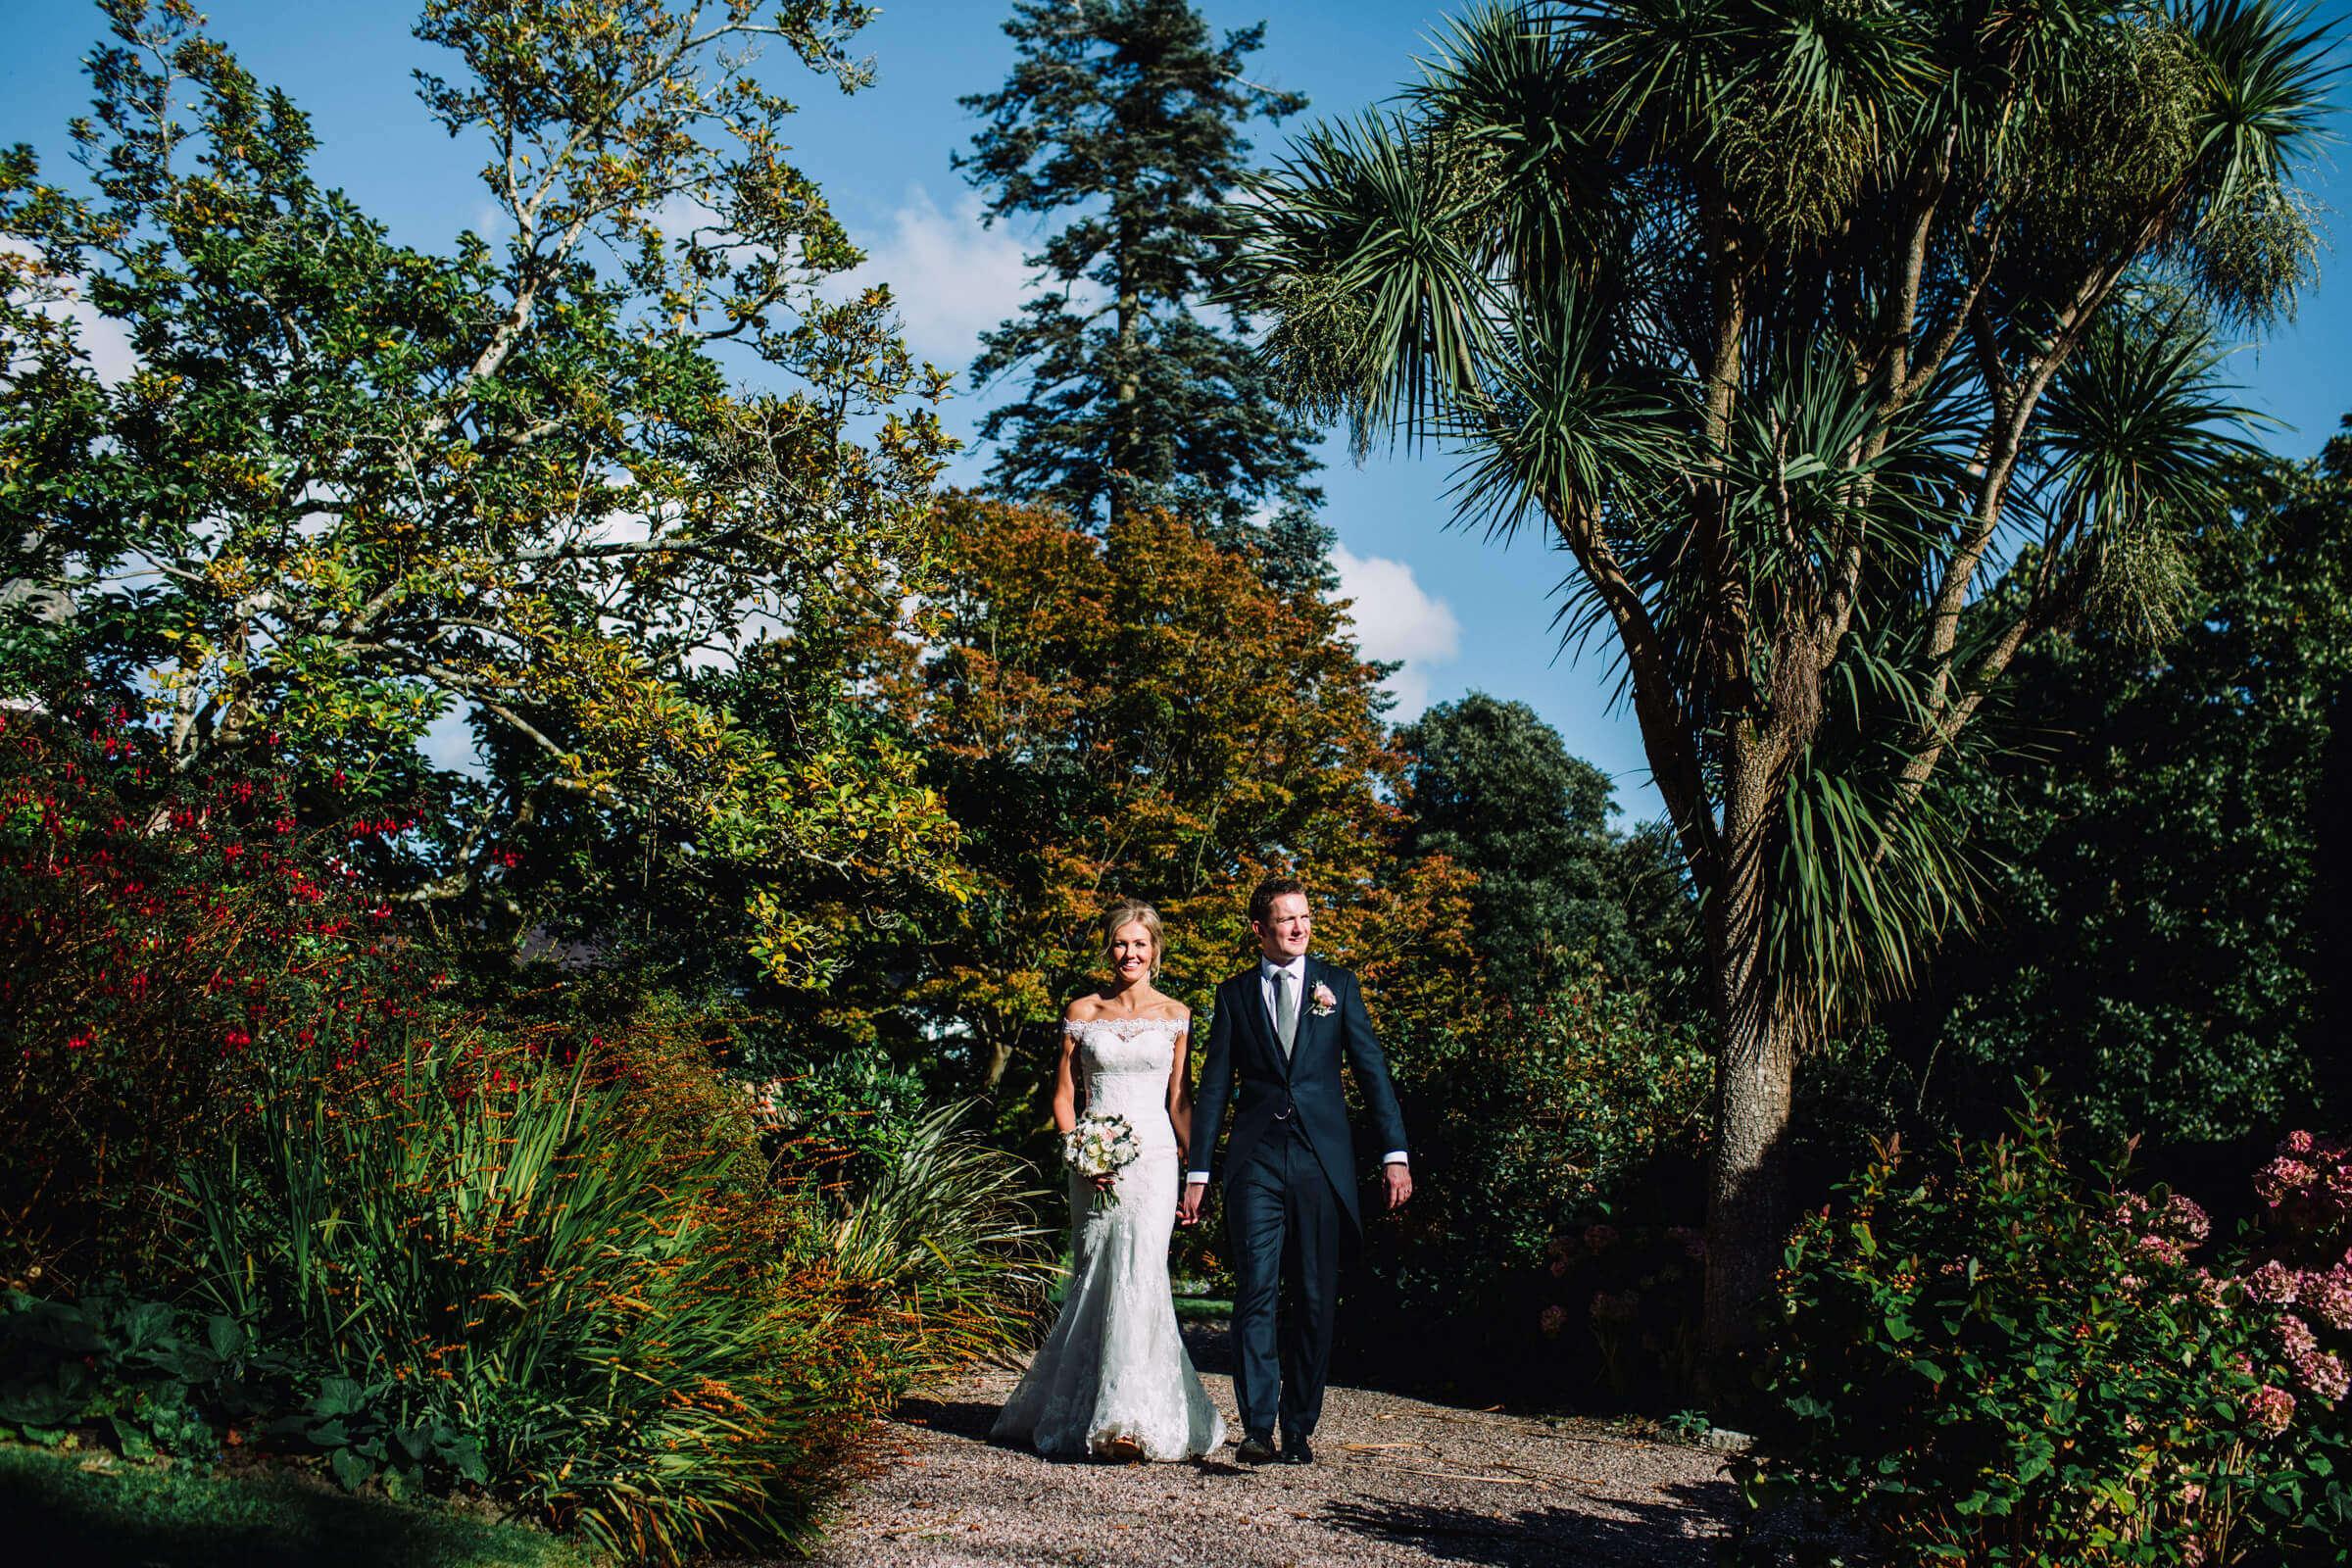 Chateau_Rhianfa_Wedding_Photography_042.jpg